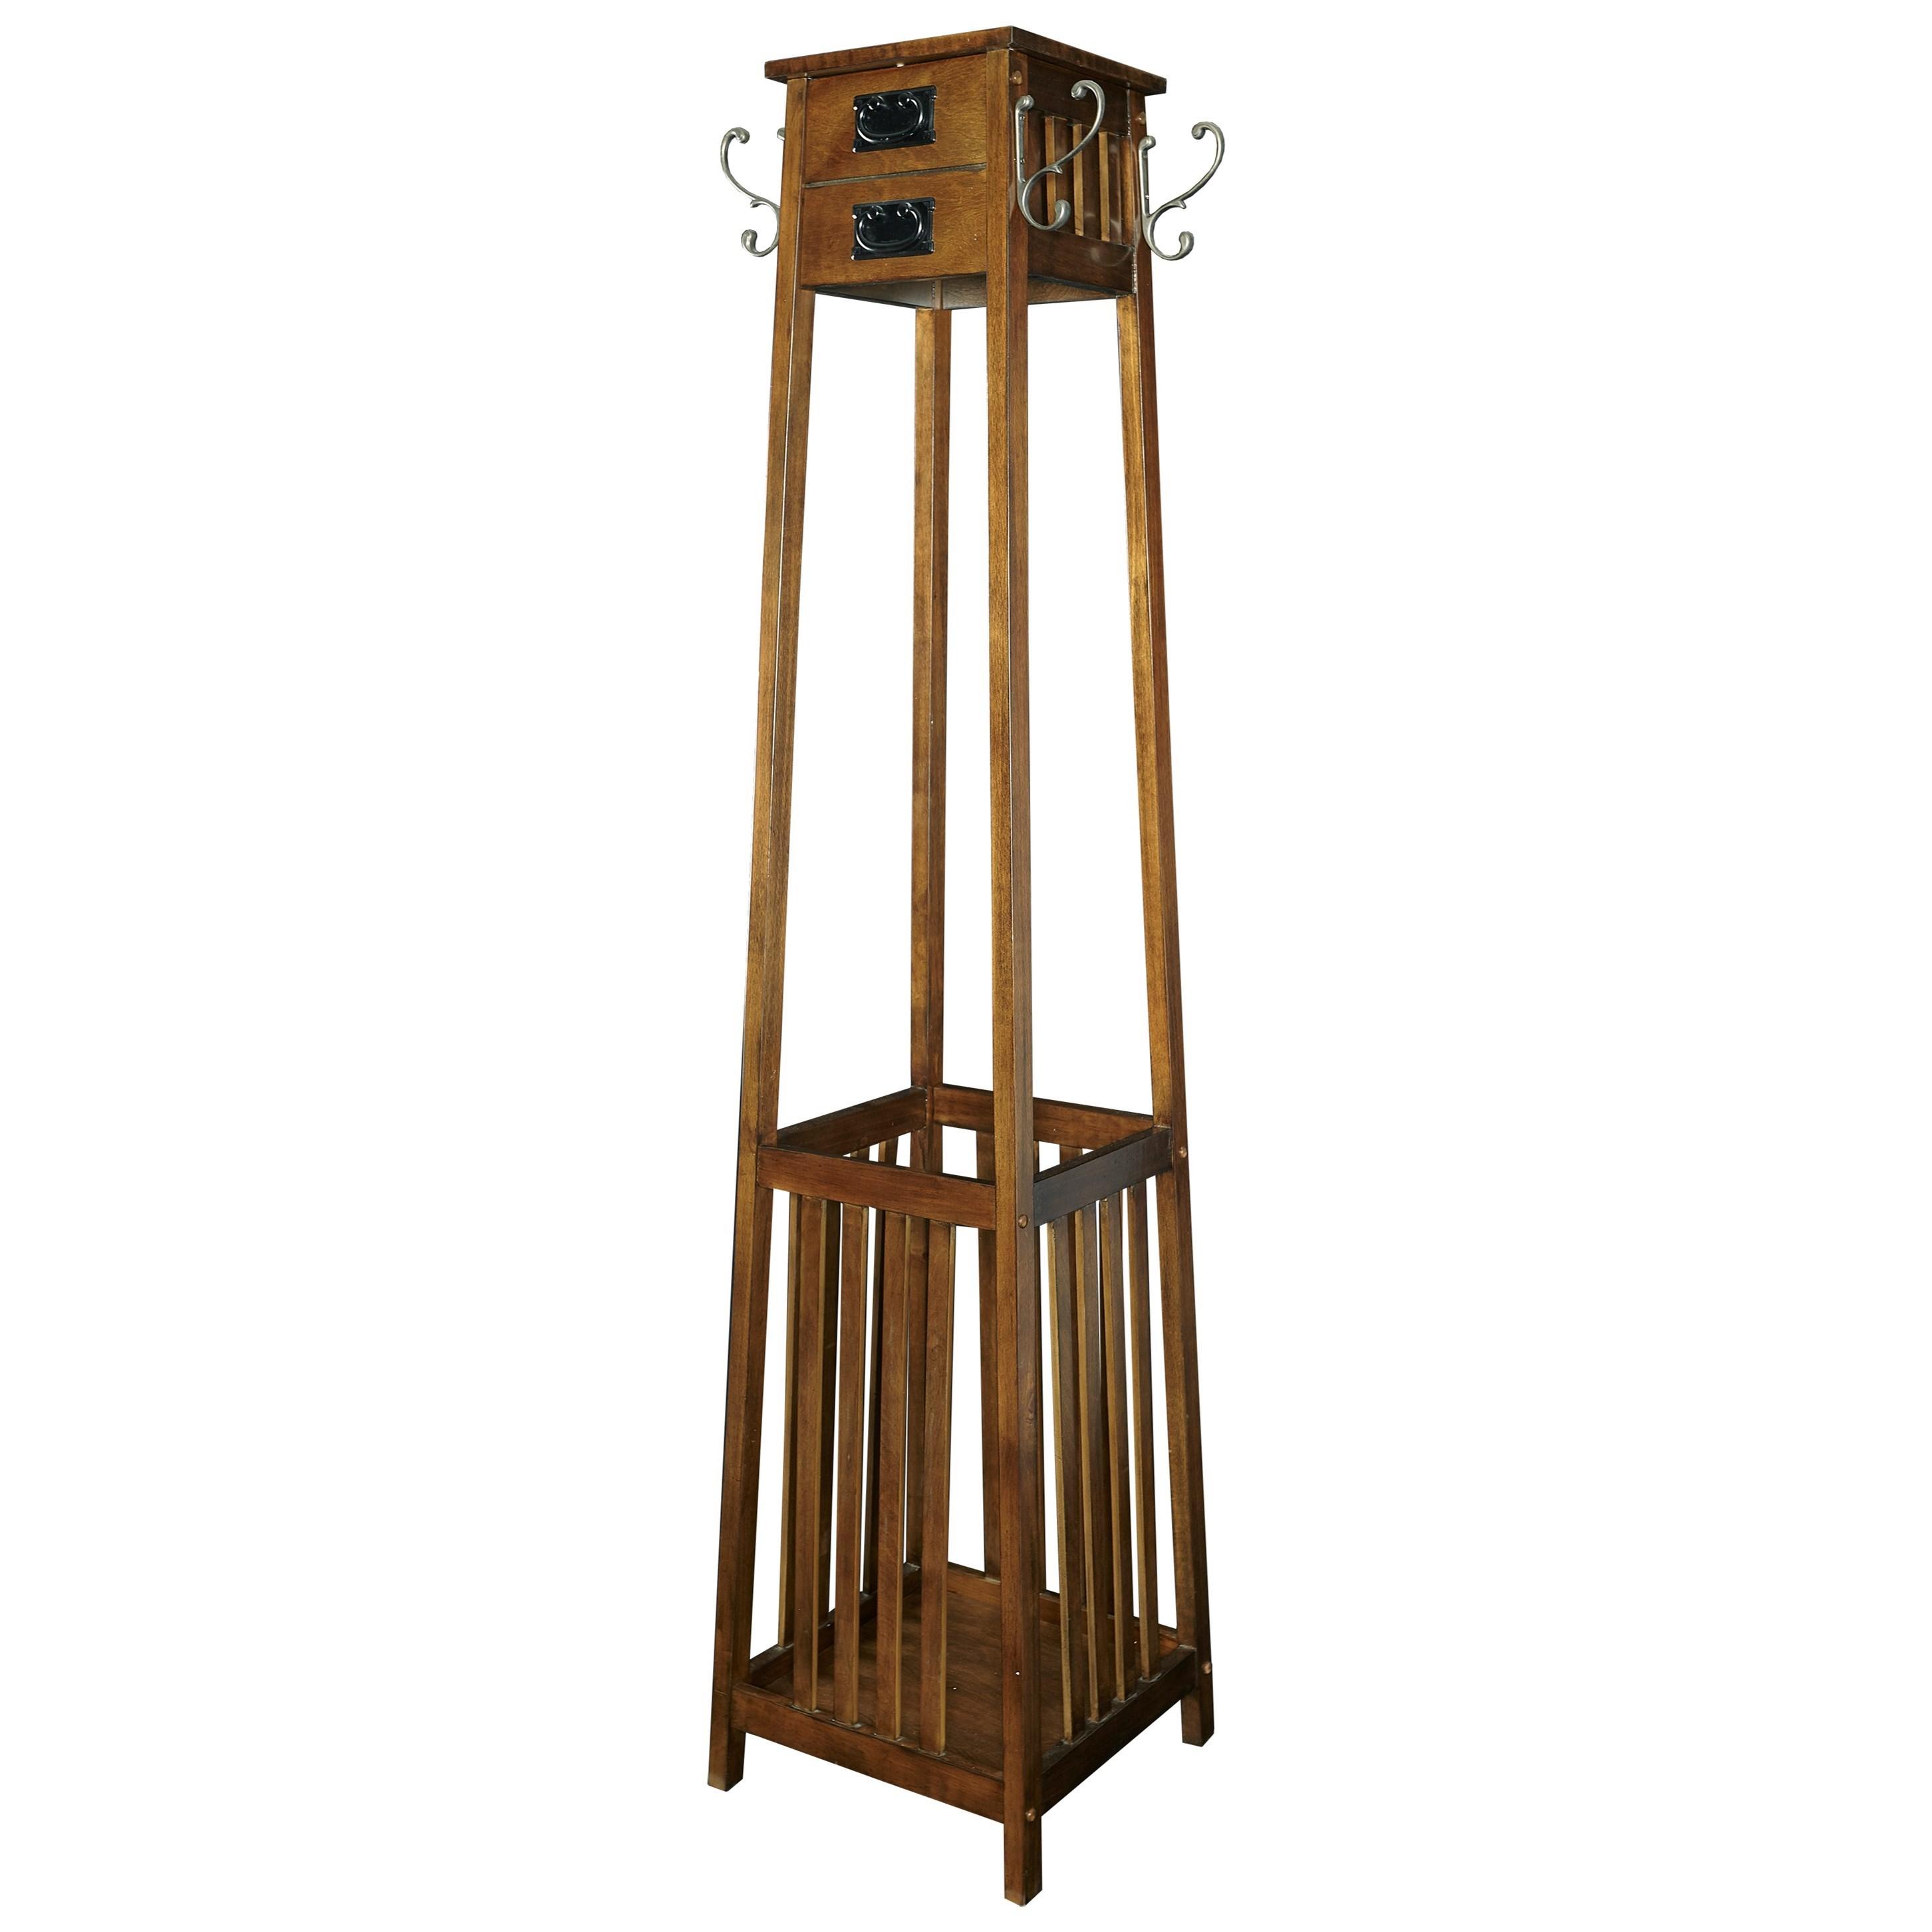 David Coat Rack by Powell at Bullard Furniture